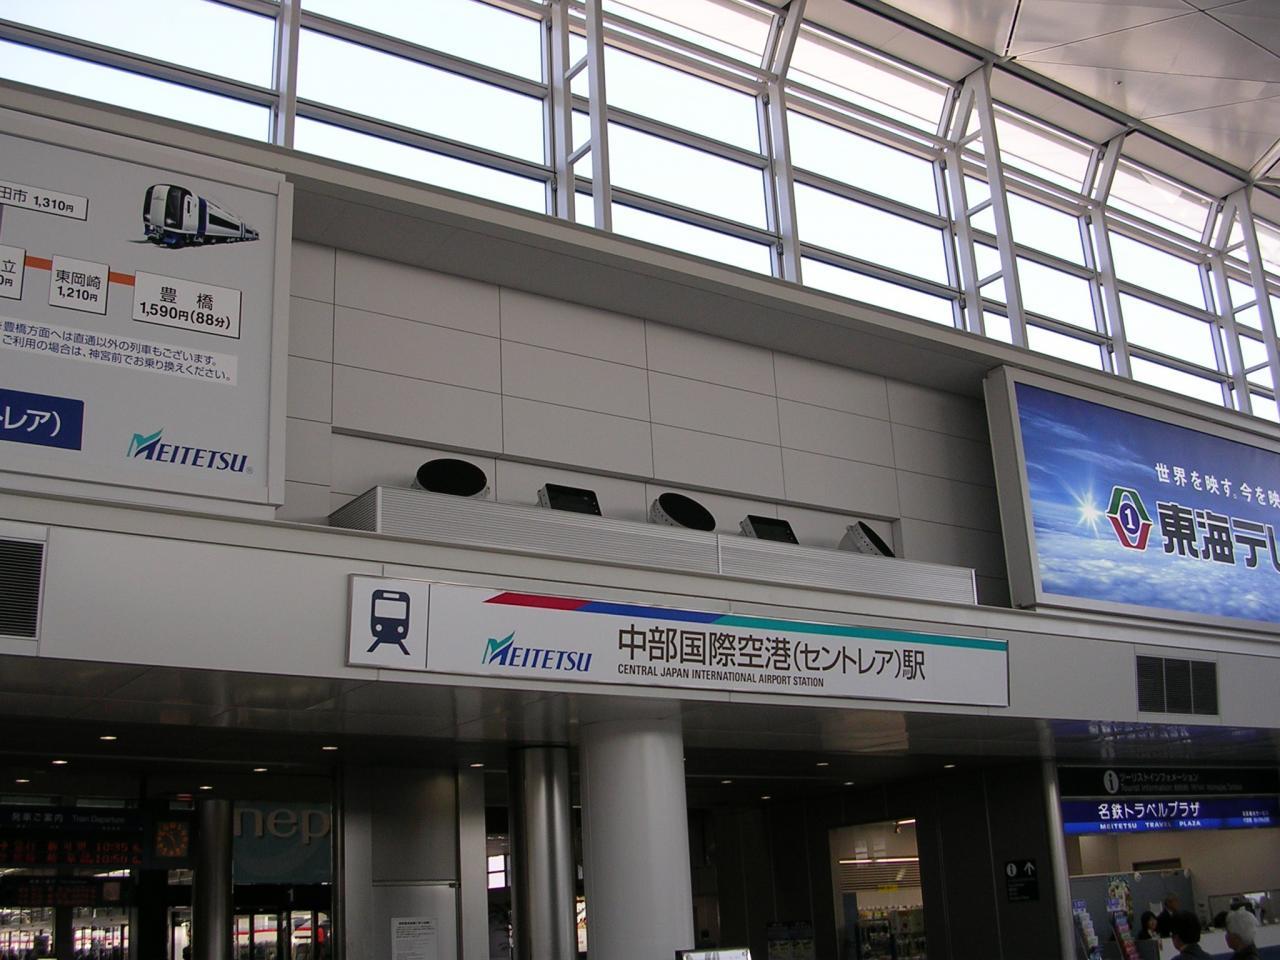 中部国際空港(セントレア)駅